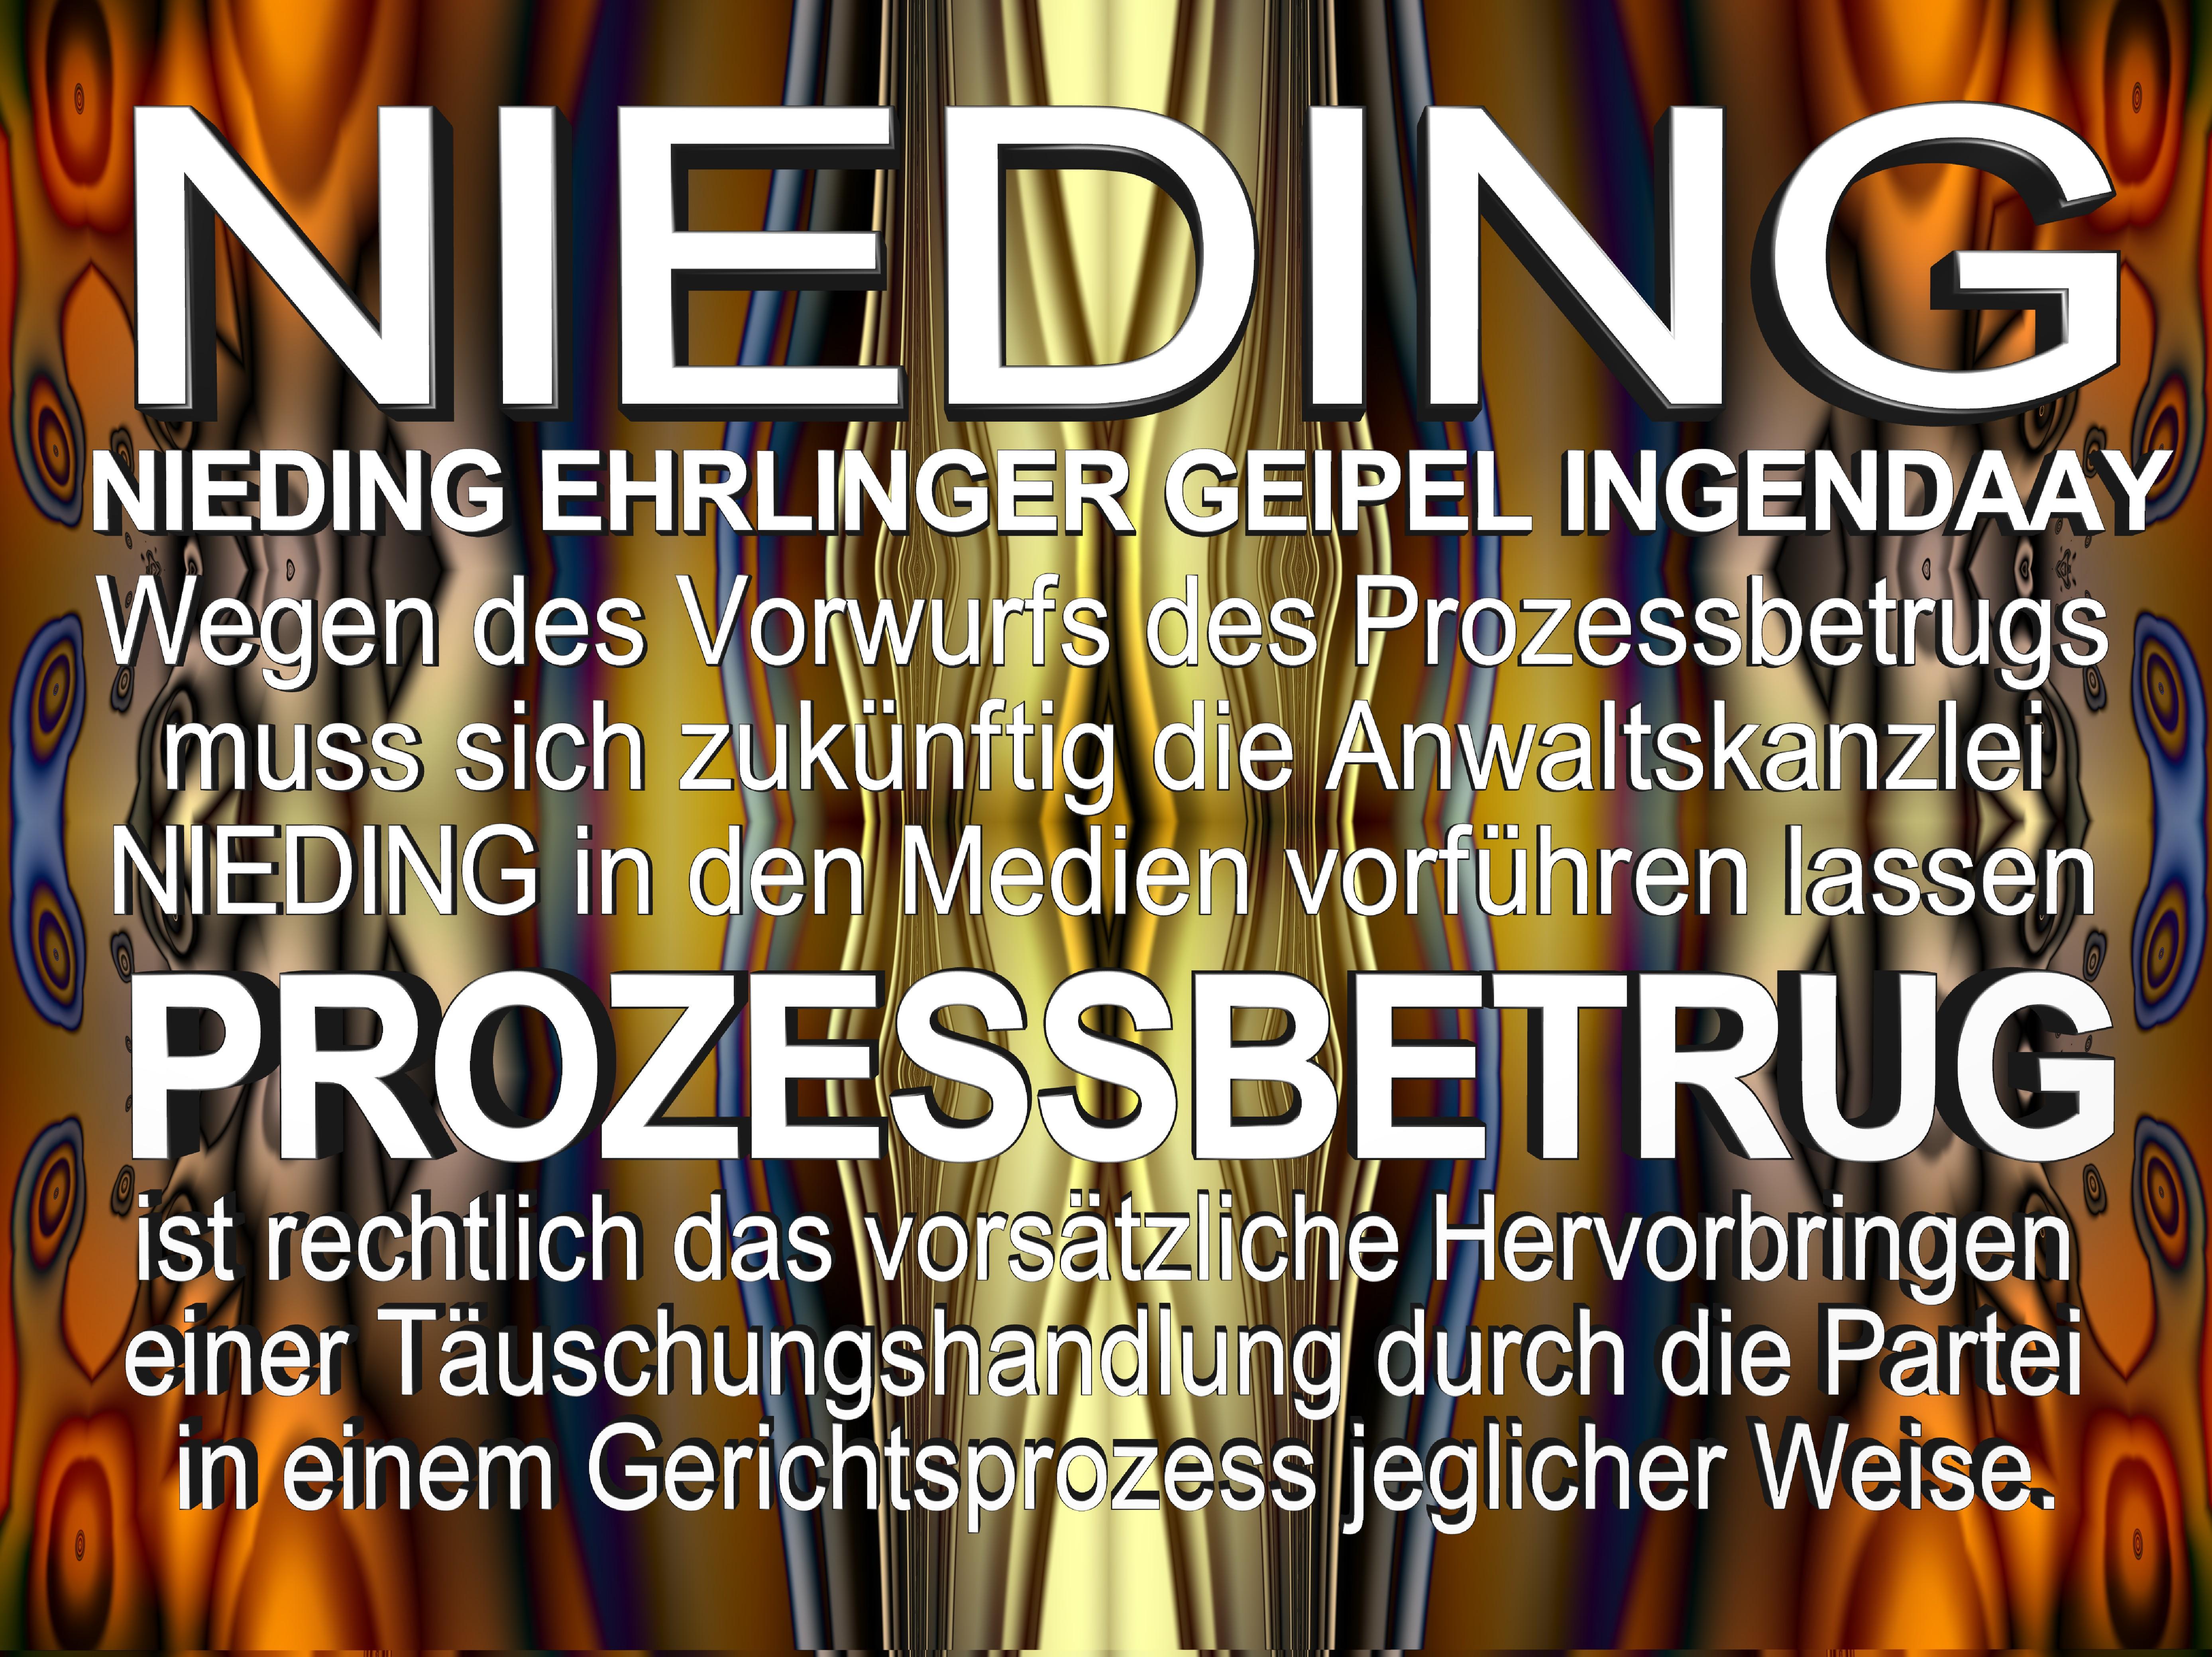 NIEDING EHRLINGER GEIPEL INGENDAAY LELKE Kurfürstendamm 66 Berlin (178)